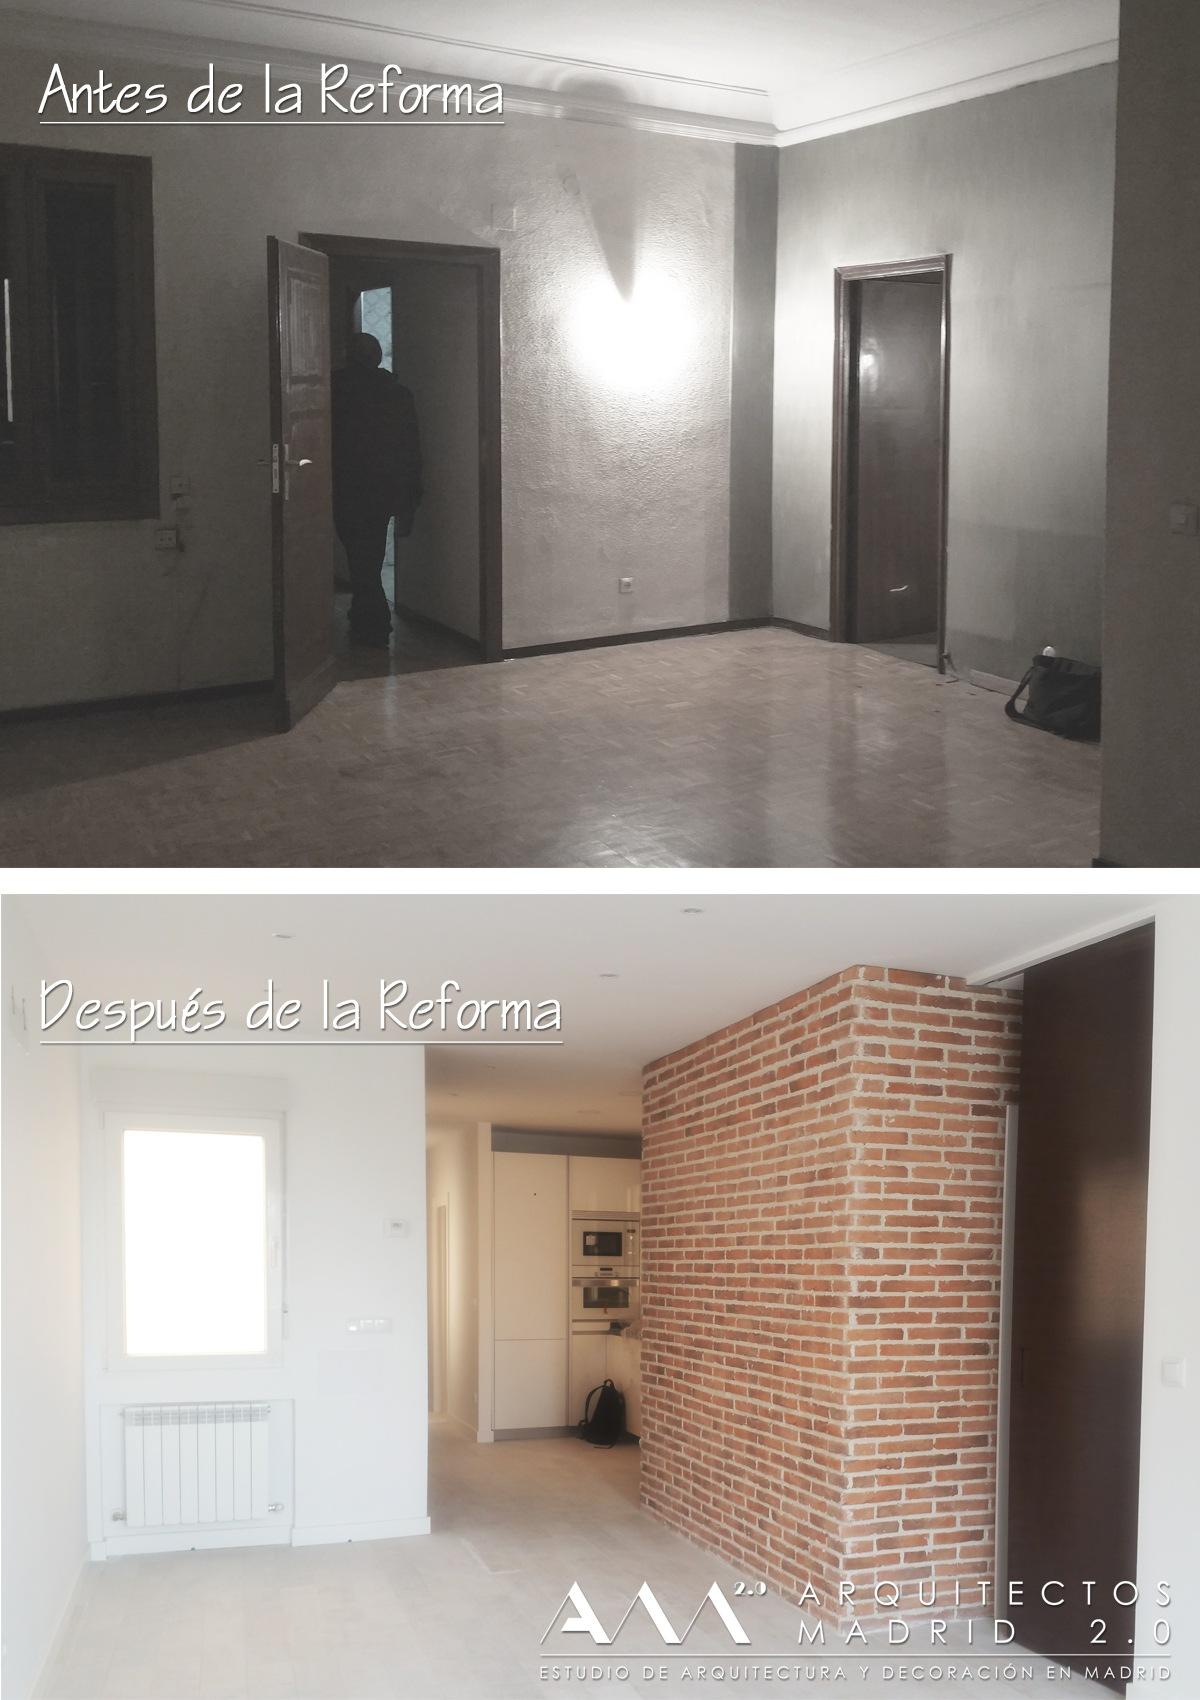 reformas-viviendas-ideas-antes-despues-pisos-casas-obras-06